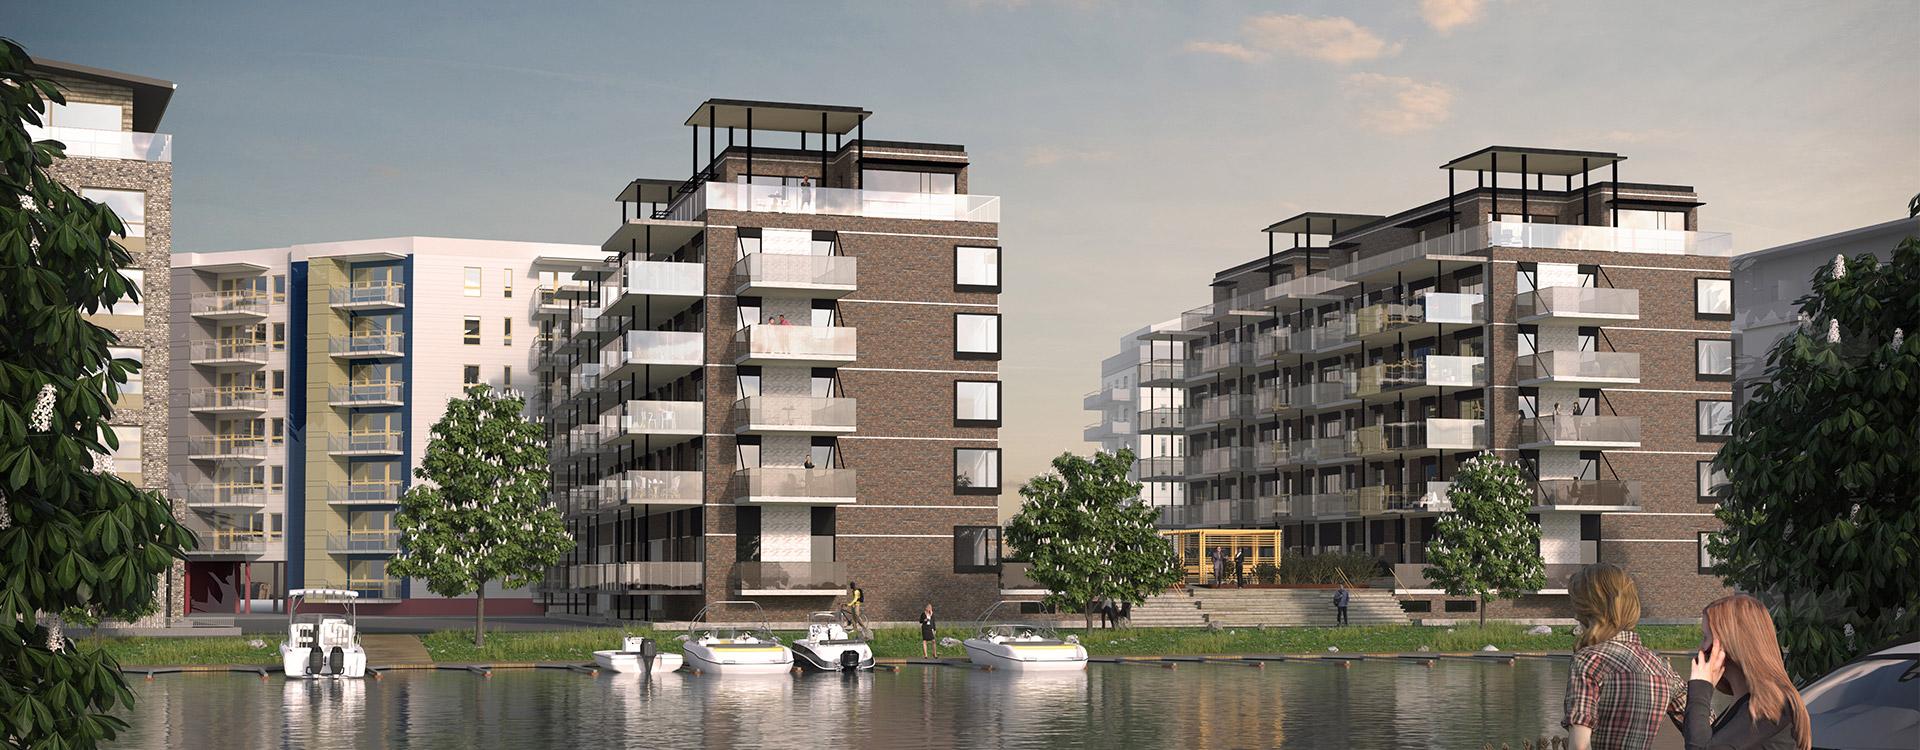 Brf Docklands vinnare<br>av arkitekturpris